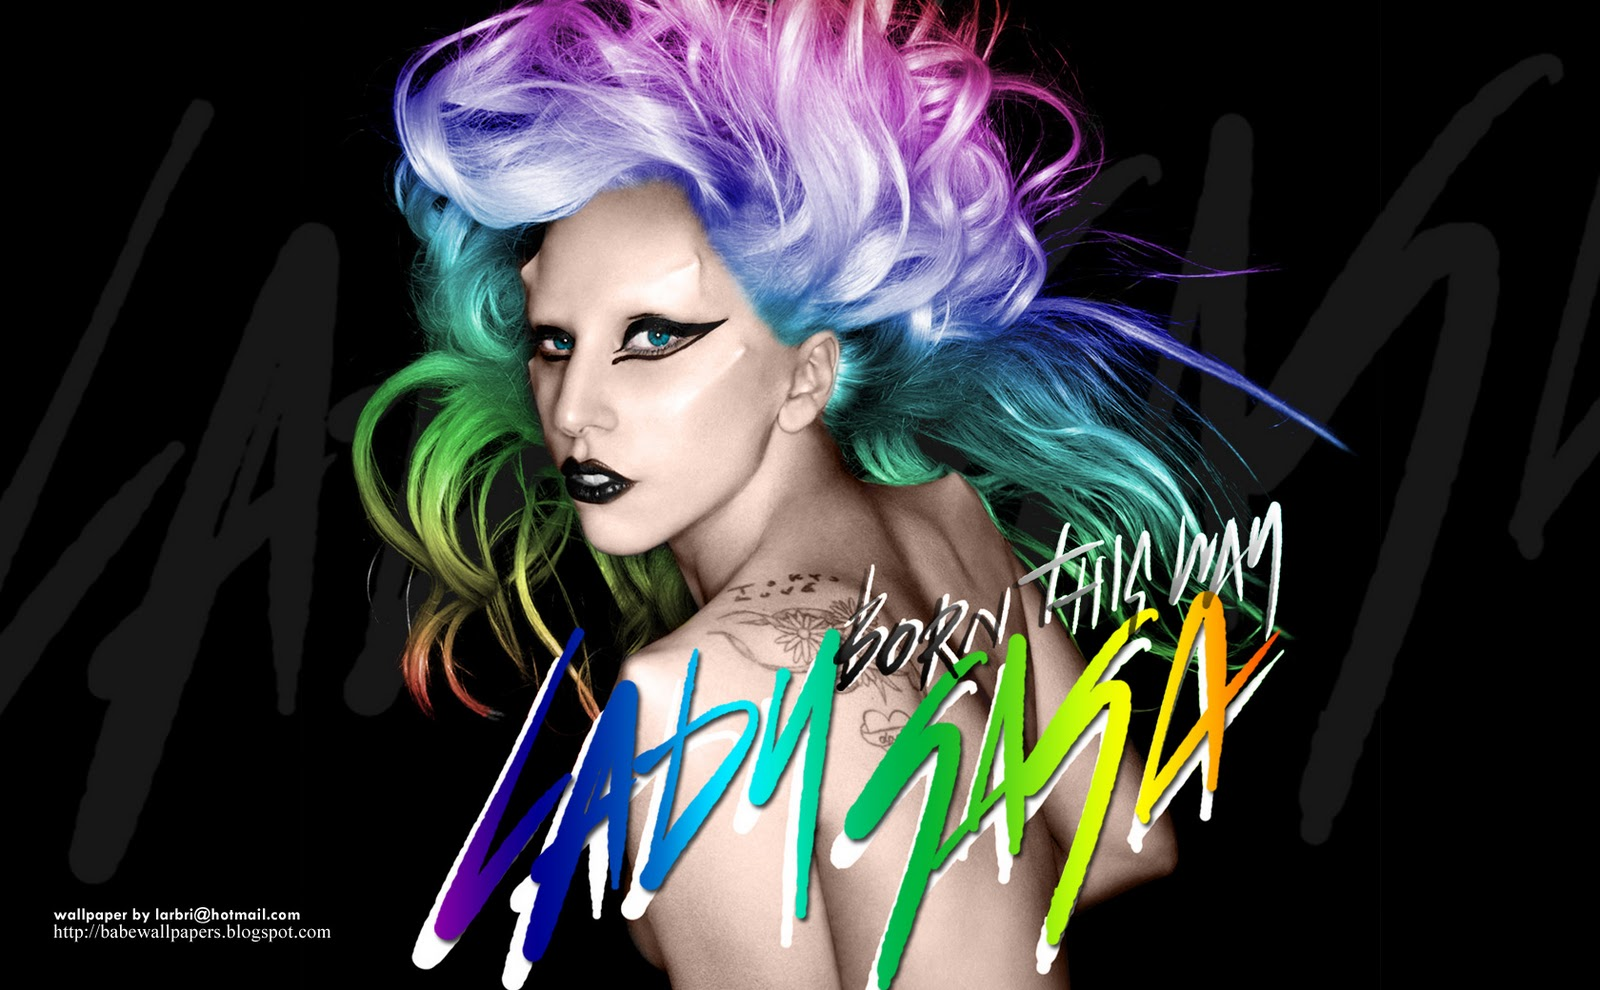 http://4.bp.blogspot.com/-OHvcjmoFknQ/TZ5I-neBGxI/AAAAAAAAAGk/CFHy6rkug9w/s1600/lady_gaga_born_this_way_wall_003.jpg